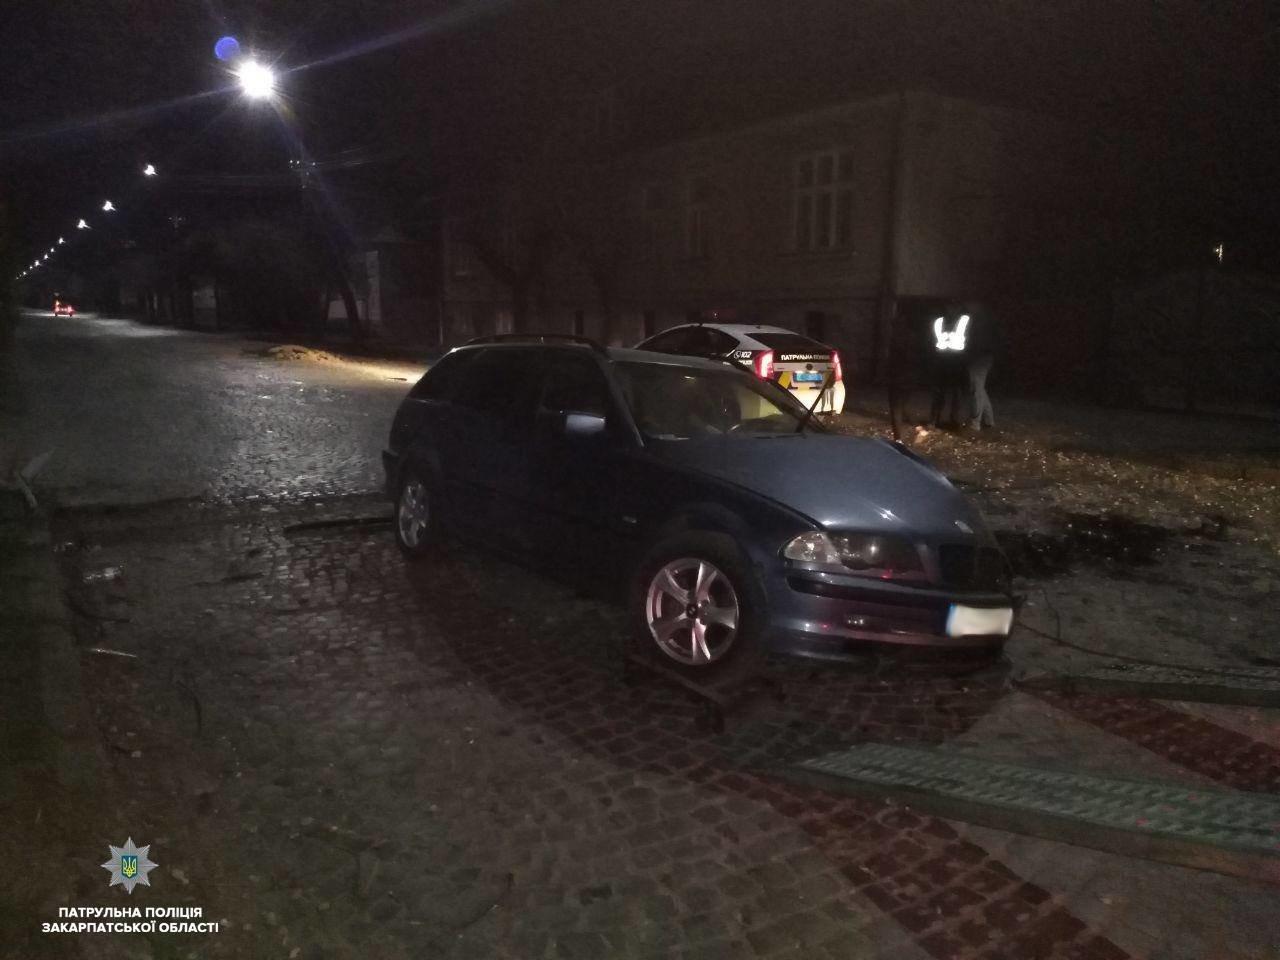 Закарпатець розбив автівку, зіткнувшись на швидкості з деревом (ФОТО), фото-2